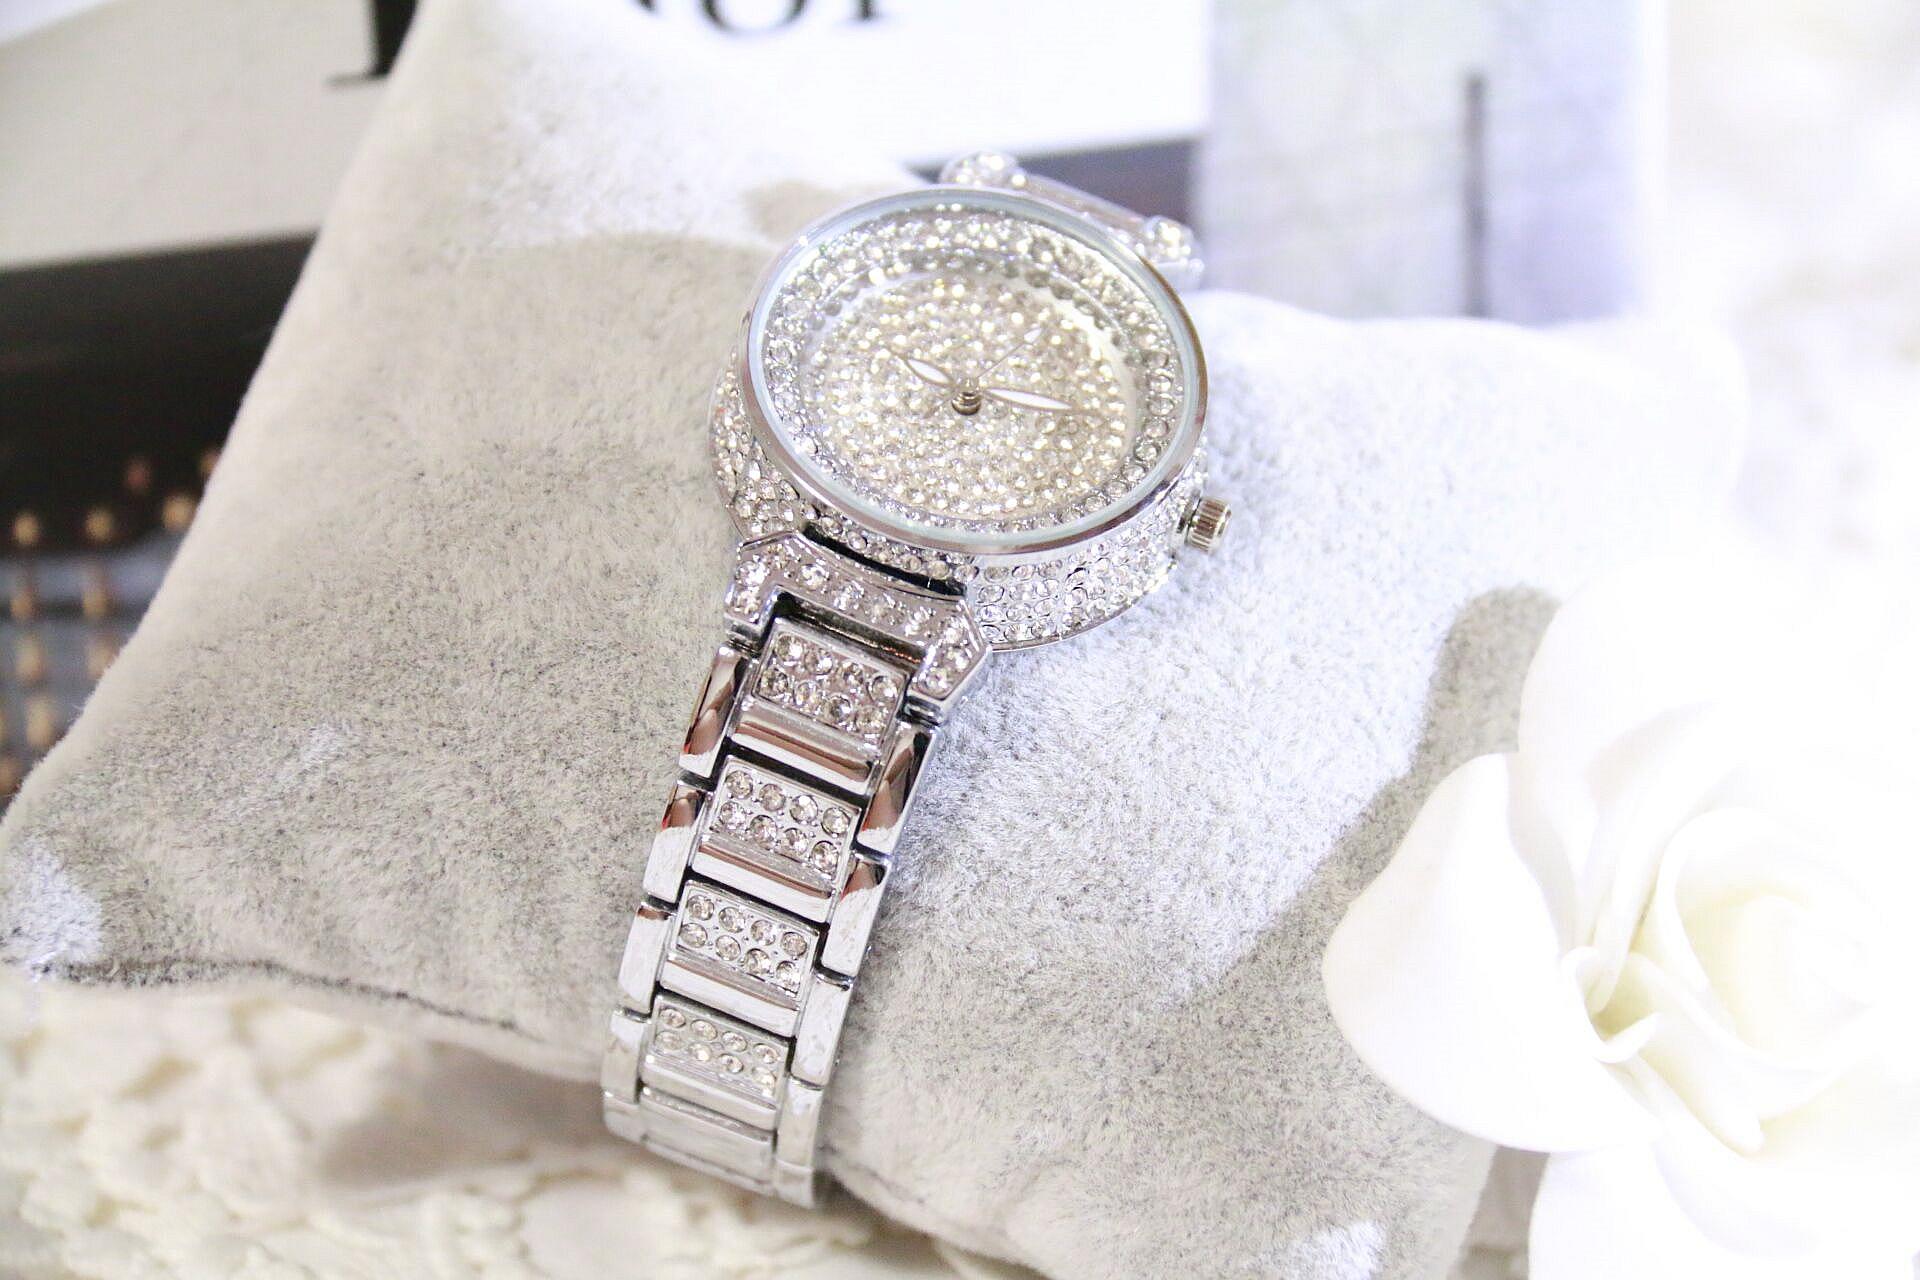 Марка Алмазный Серебряный женщины горный хрусталь часы женщины стали женщины кварцевые bling платье часы для дам браслет Часы подарок